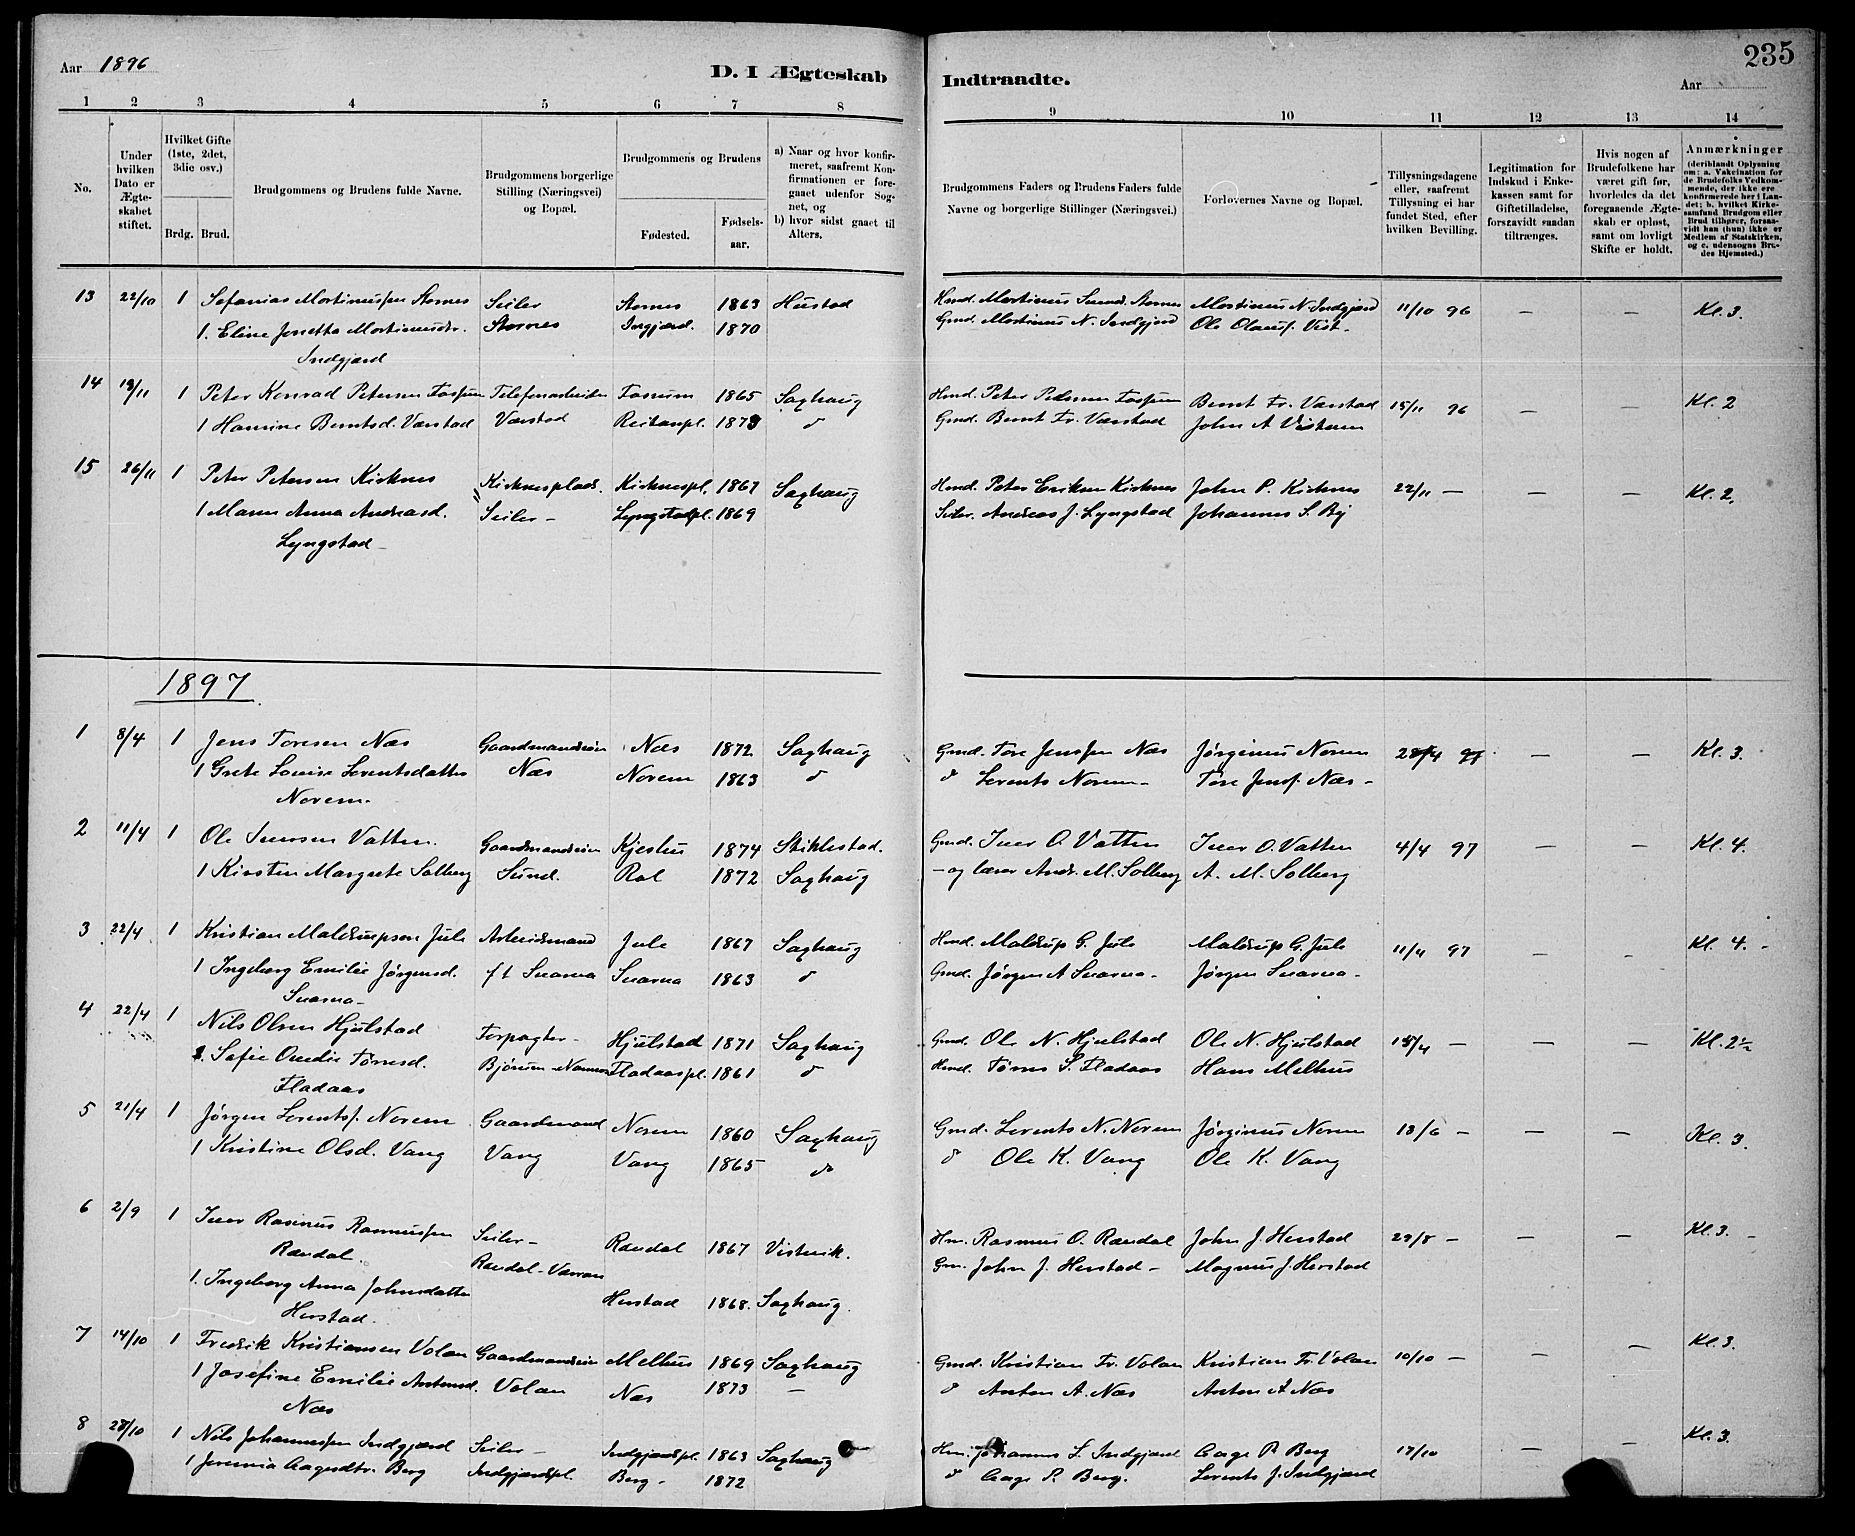 SAT, Ministerialprotokoller, klokkerbøker og fødselsregistre - Nord-Trøndelag, 730/L0301: Klokkerbok nr. 730C04, 1880-1897, s. 235